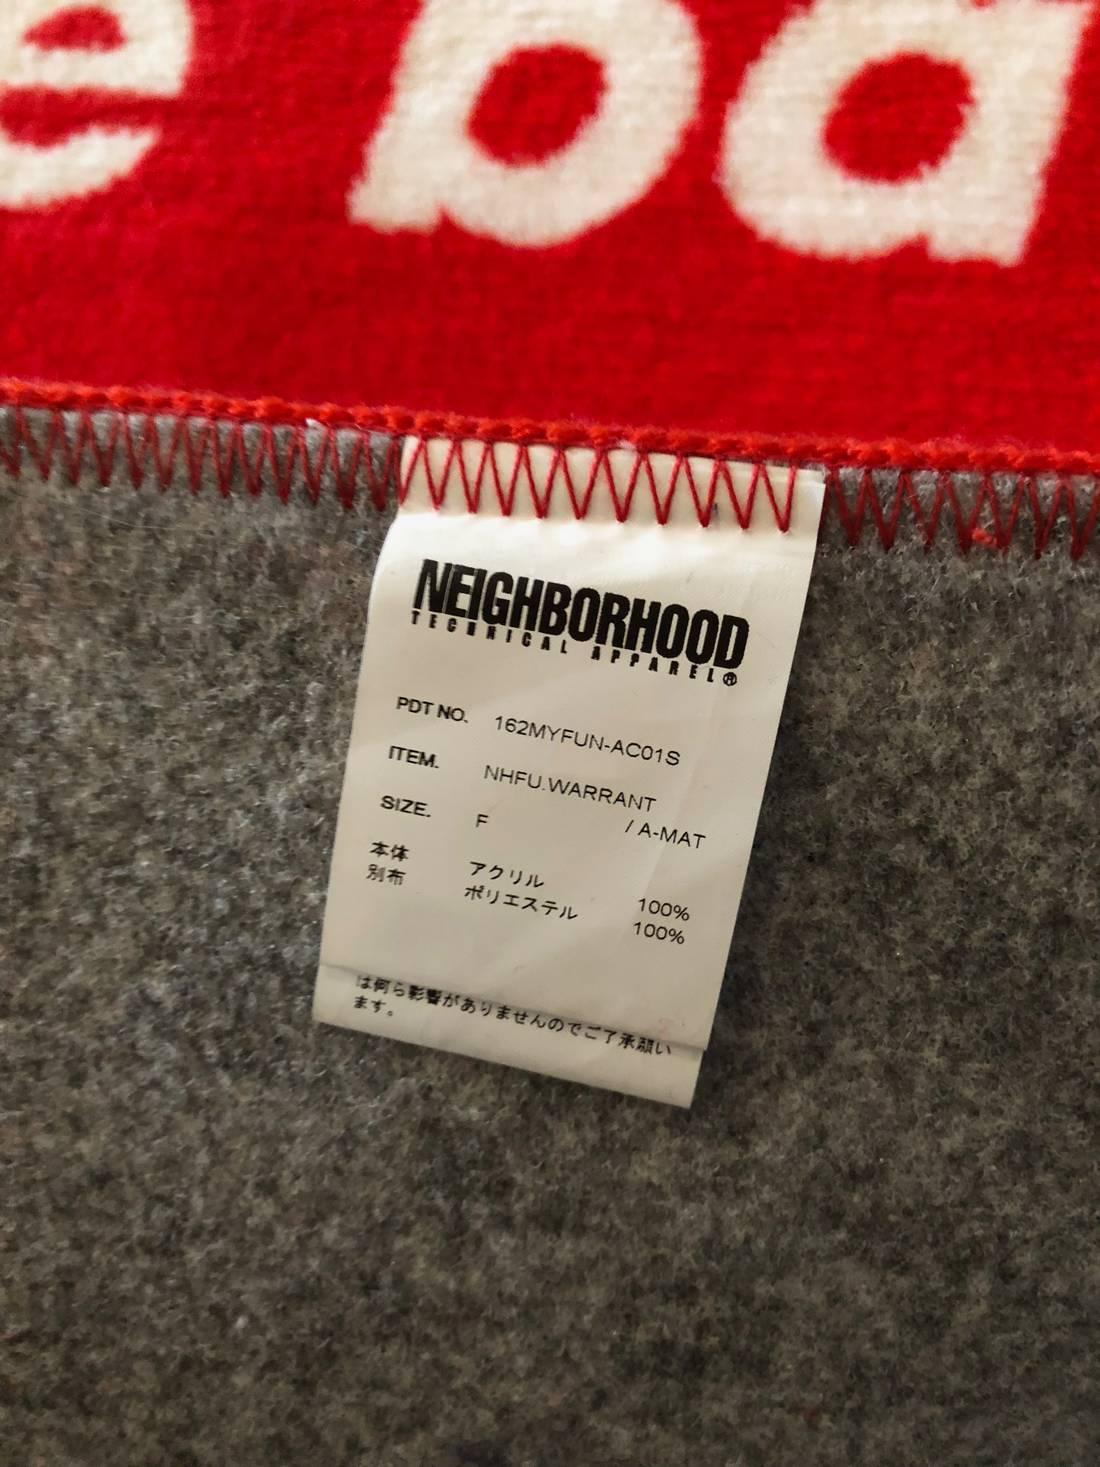 Neighborhood Neighborhood / Fuct Come Back With A Warrant Door Mat ...